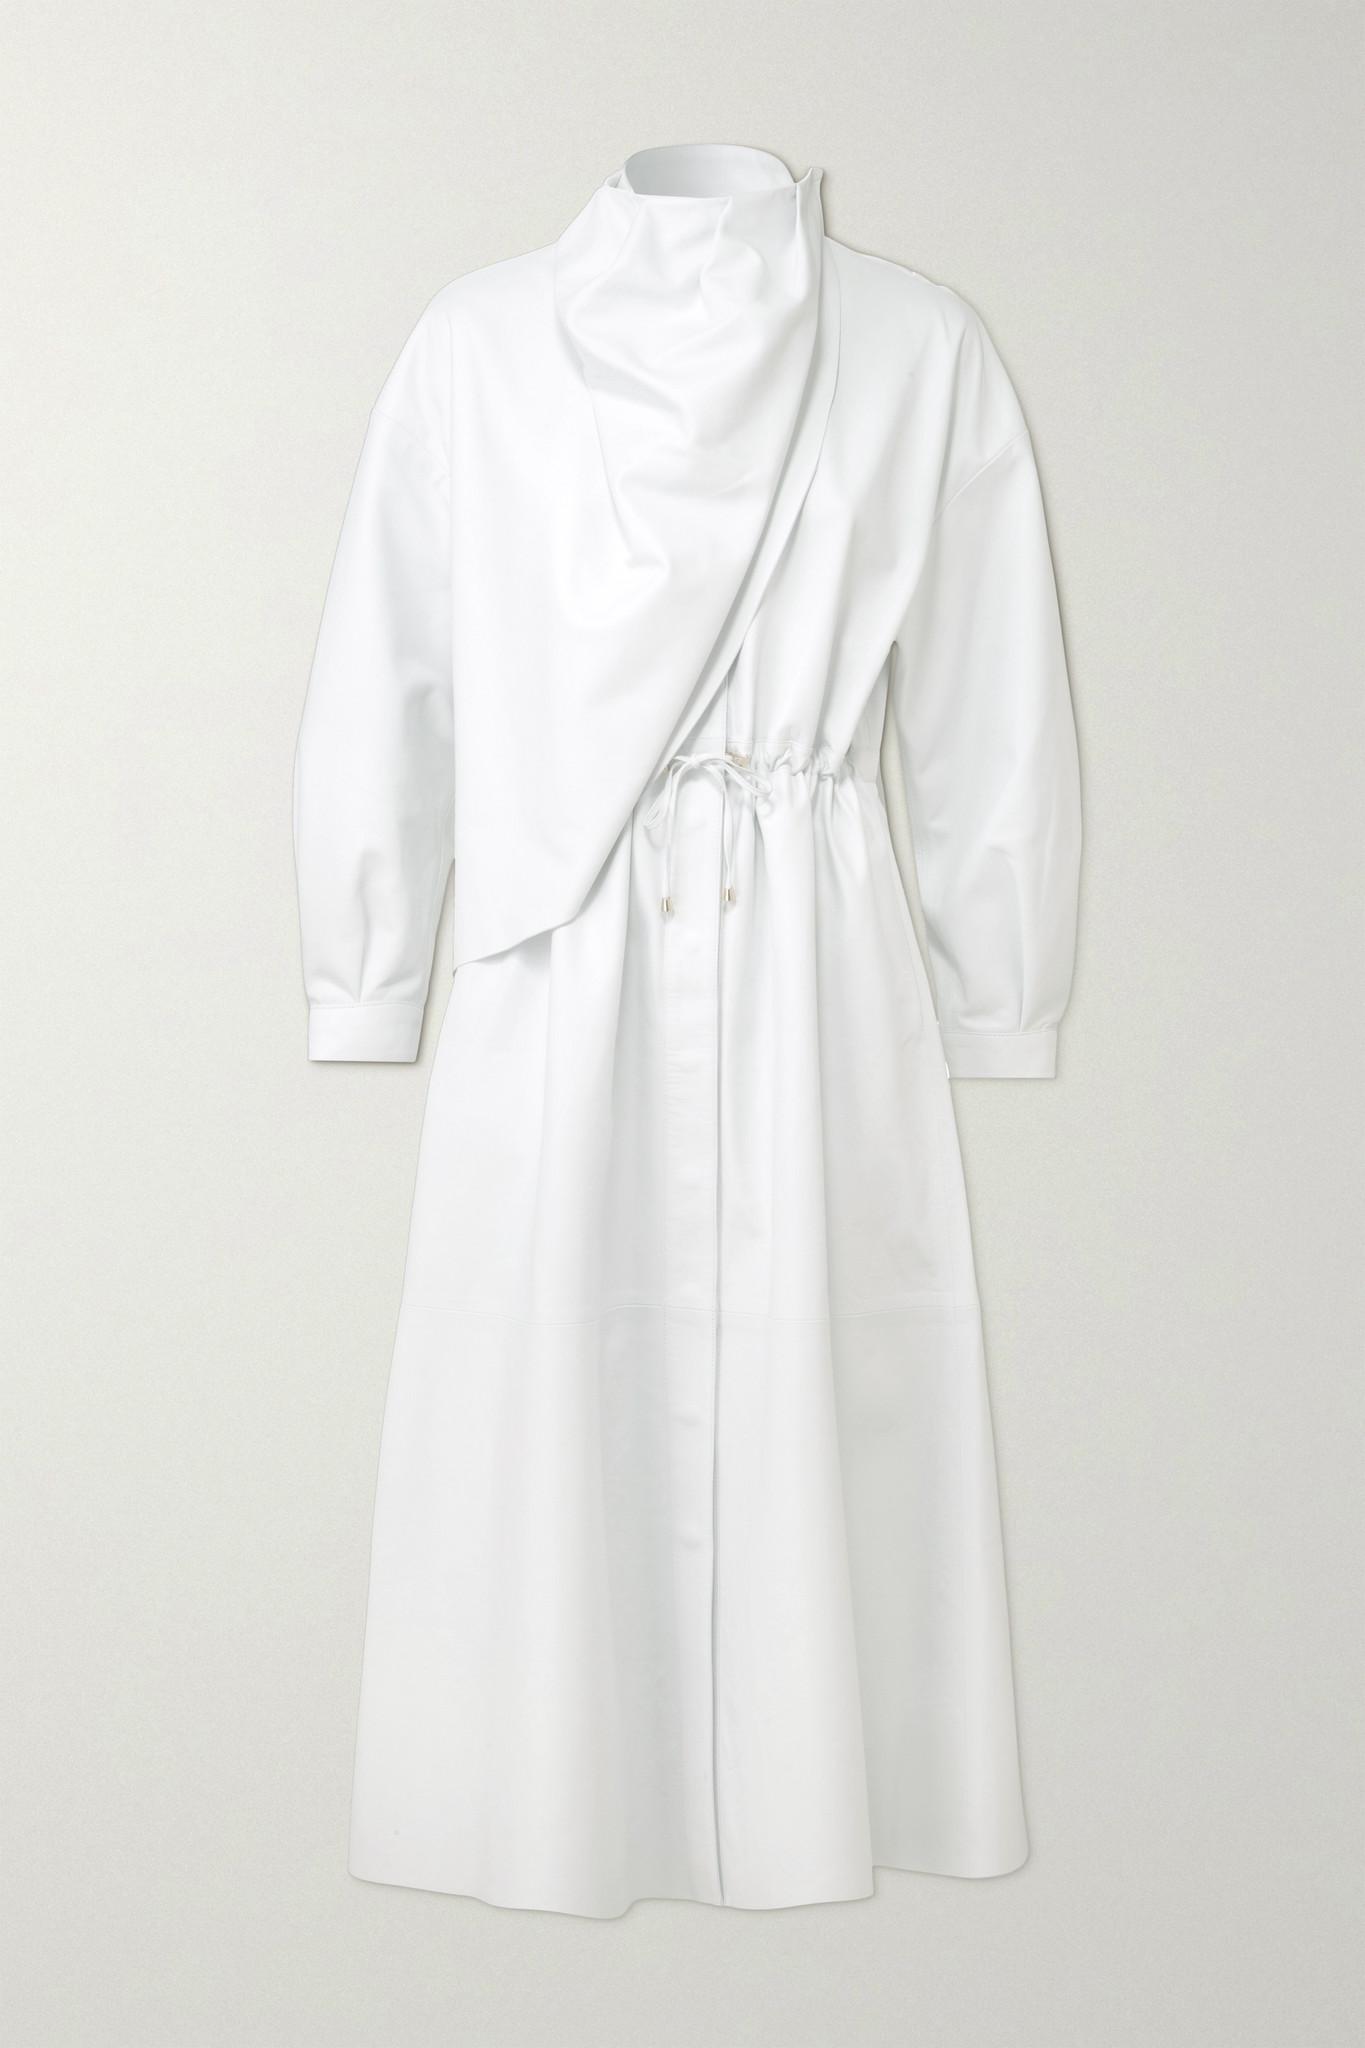 DODO BAR OR - Sitter 垂坠皮革中长连衣裙 - 白色 - IT44